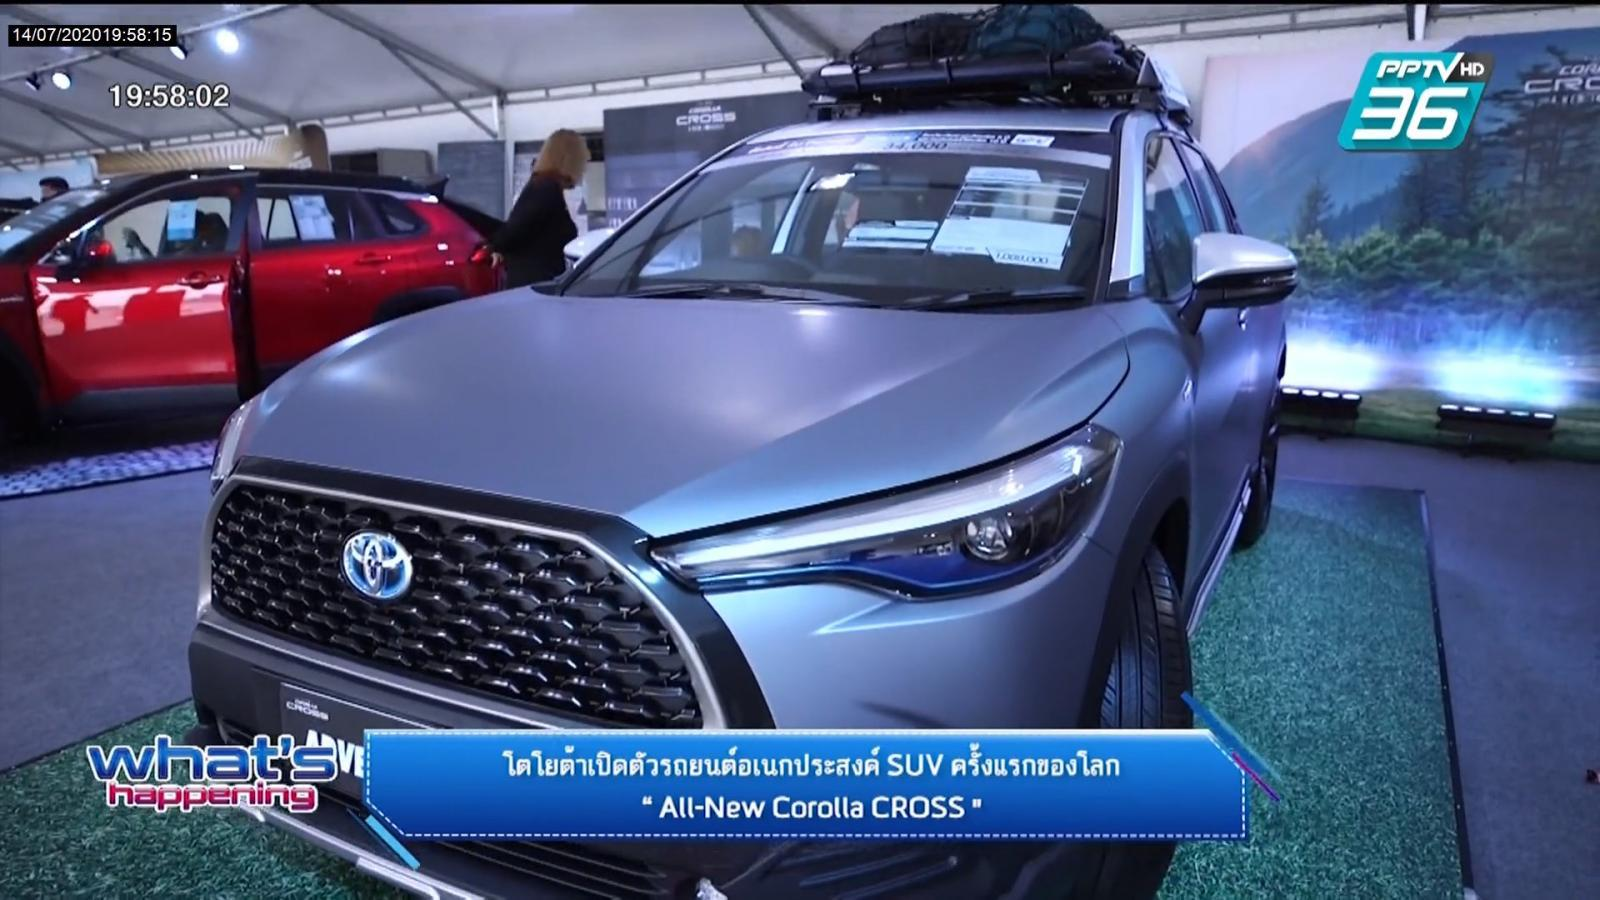 โตโยต้า เปิดตัวรถยนต์อเนกประสงค์ SUV ครั้งแรก